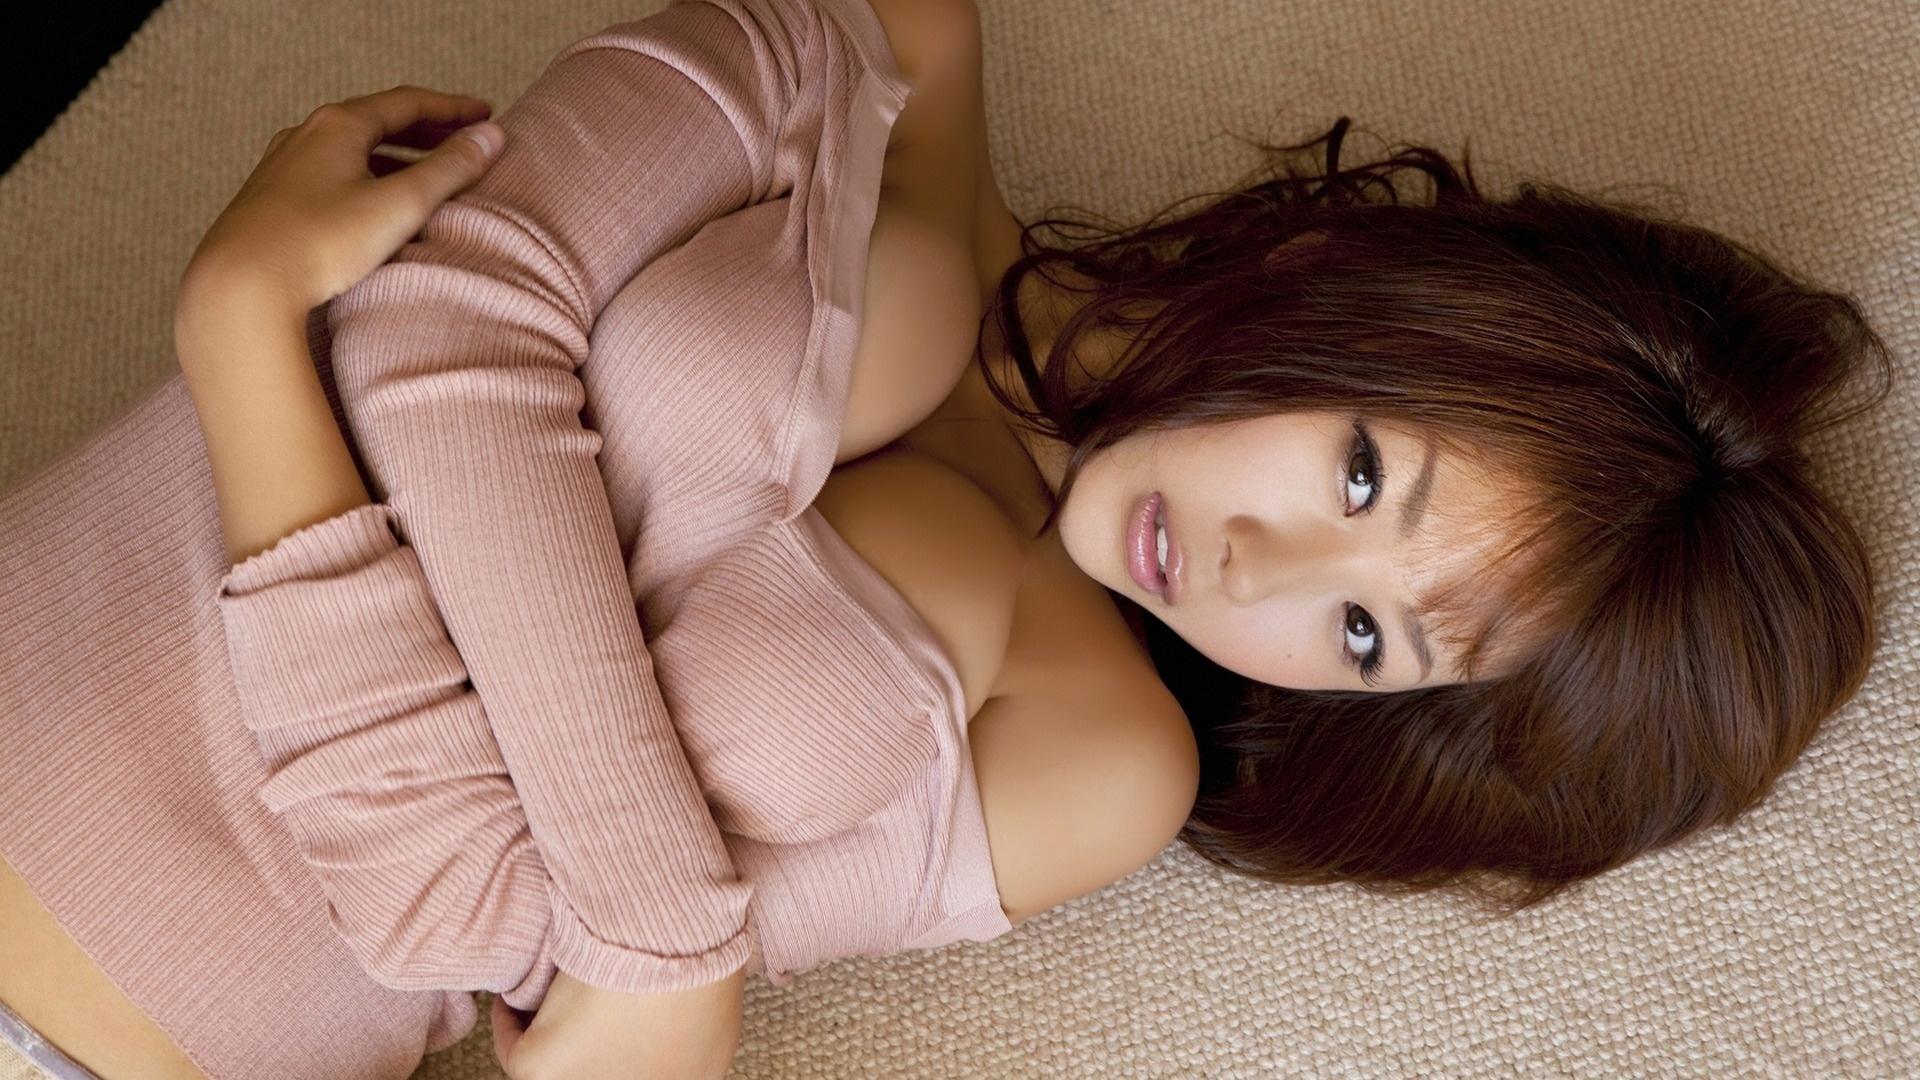 Японка с голой грудью, Порно видео онлайн: ЯпонкиБольшие сиськи 12 фотография